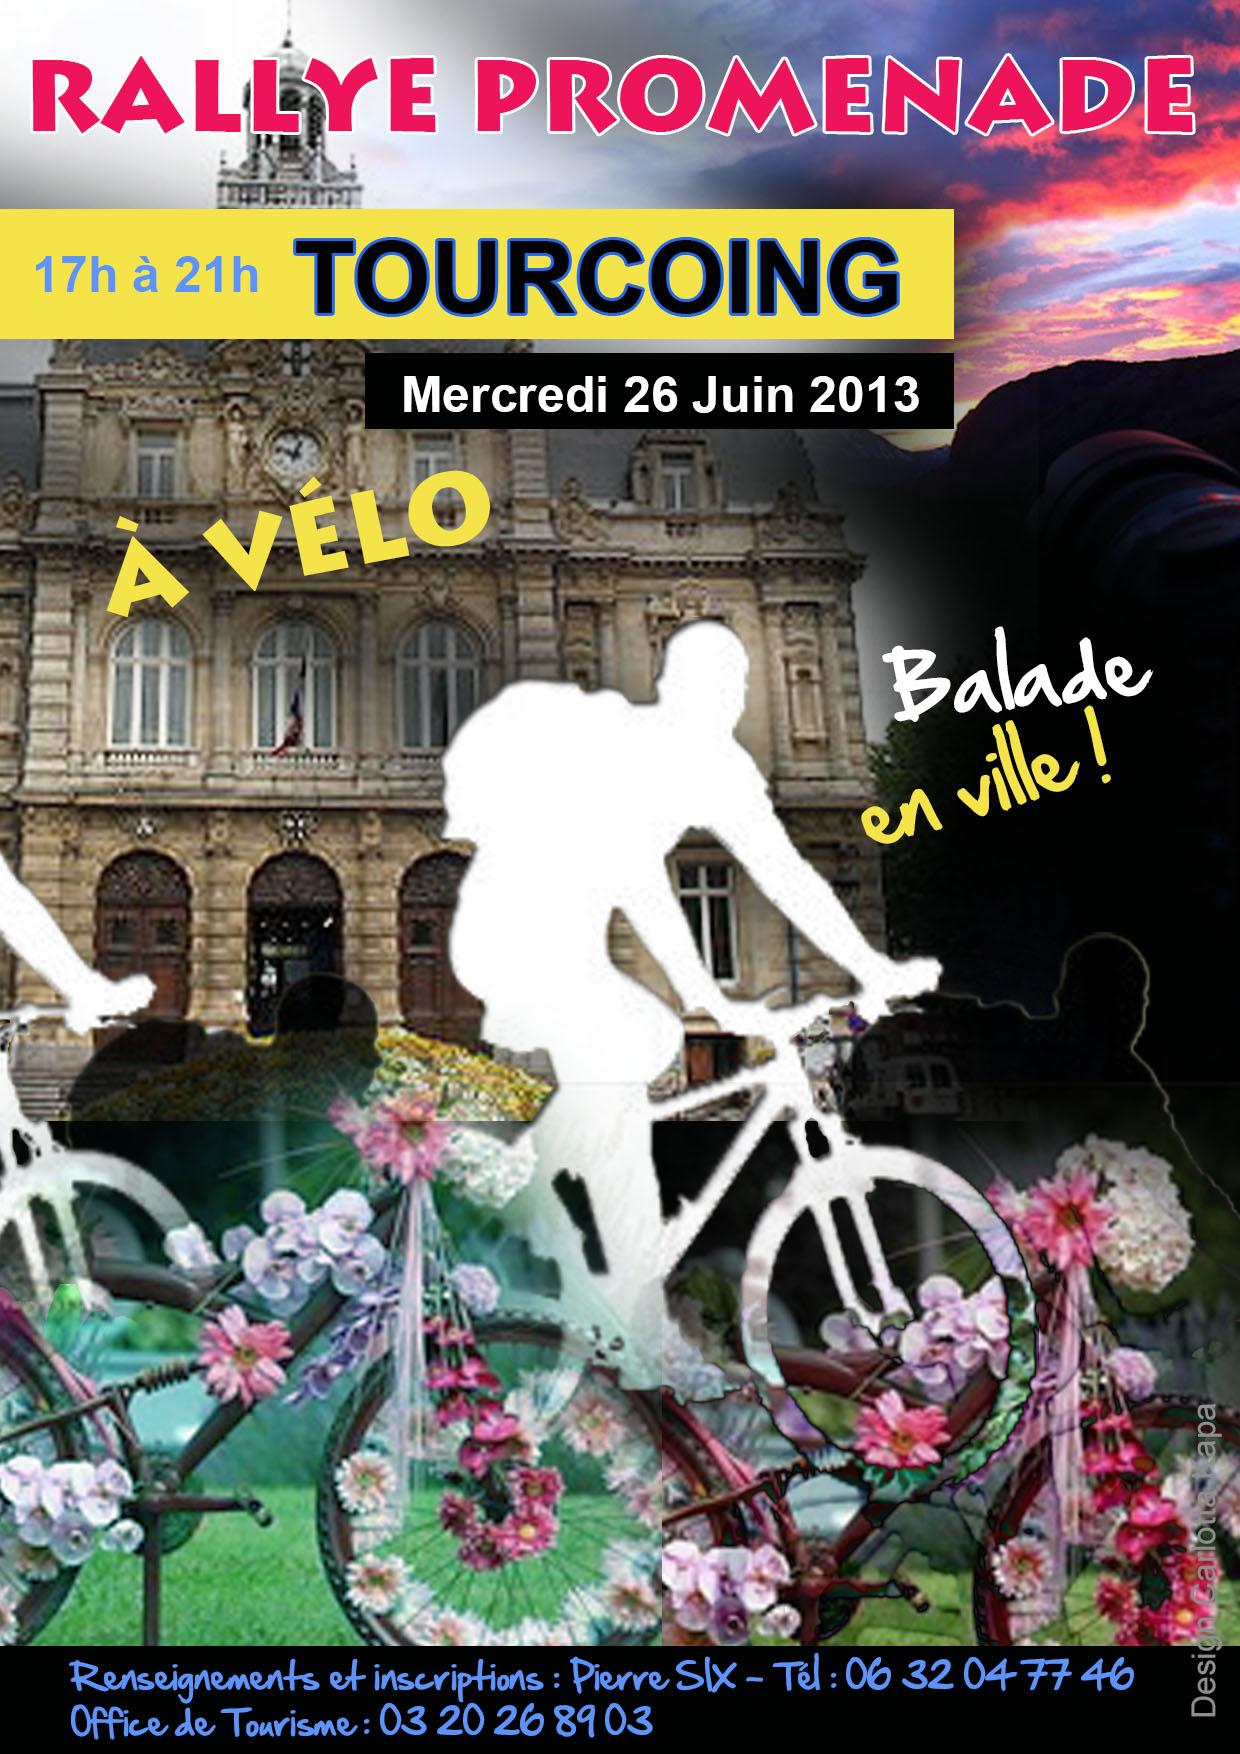 Flyer recto Rallye promenade Tourcoing